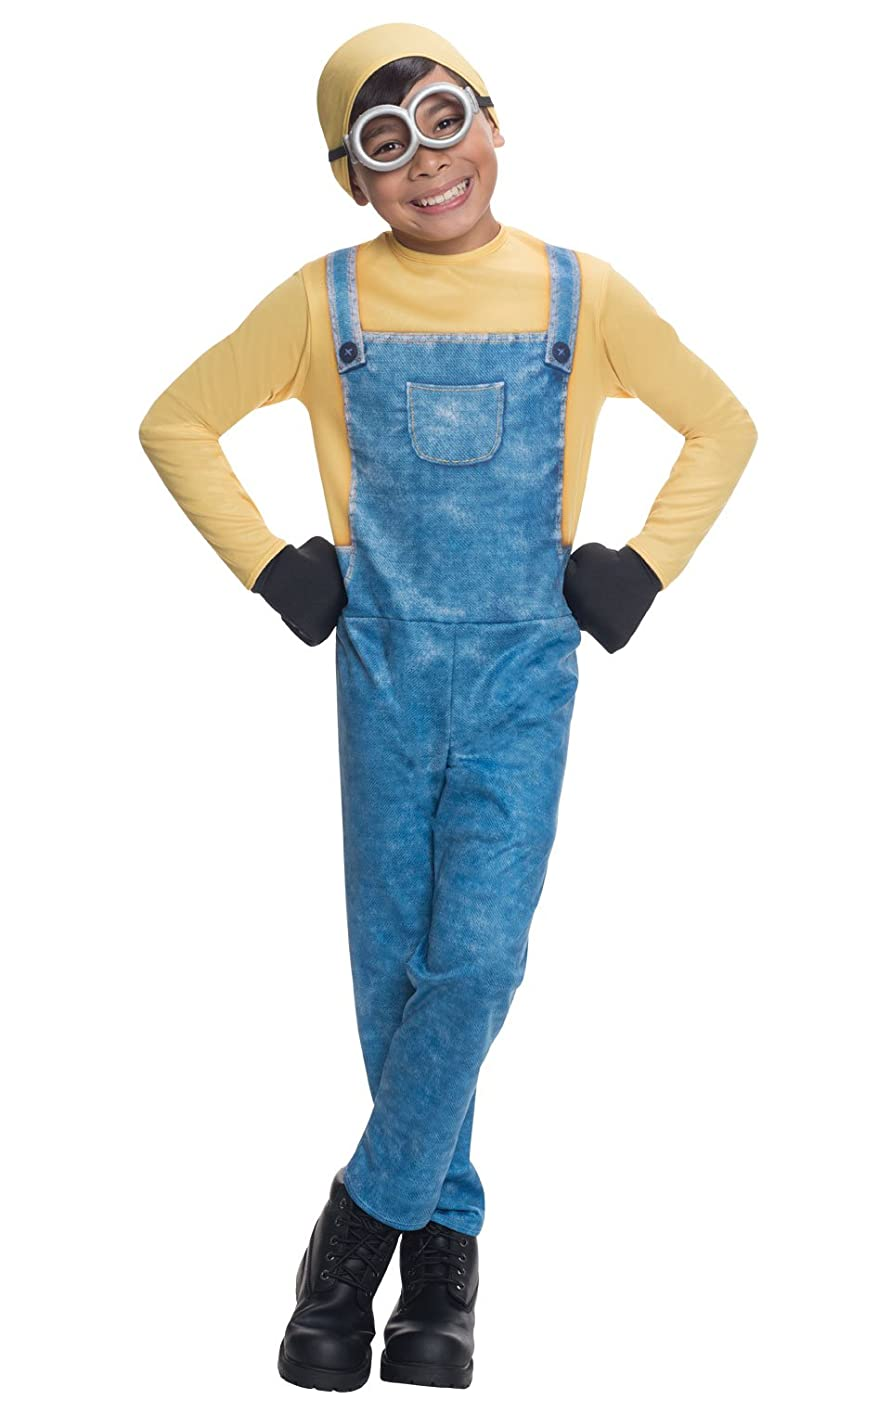 デクリメントハウジング考えMinions Movie: Minion Bob Child Costume 手下映画:ミニオンボブ?チャイルドコスチューム?ハロウィン?サイズ:Medium